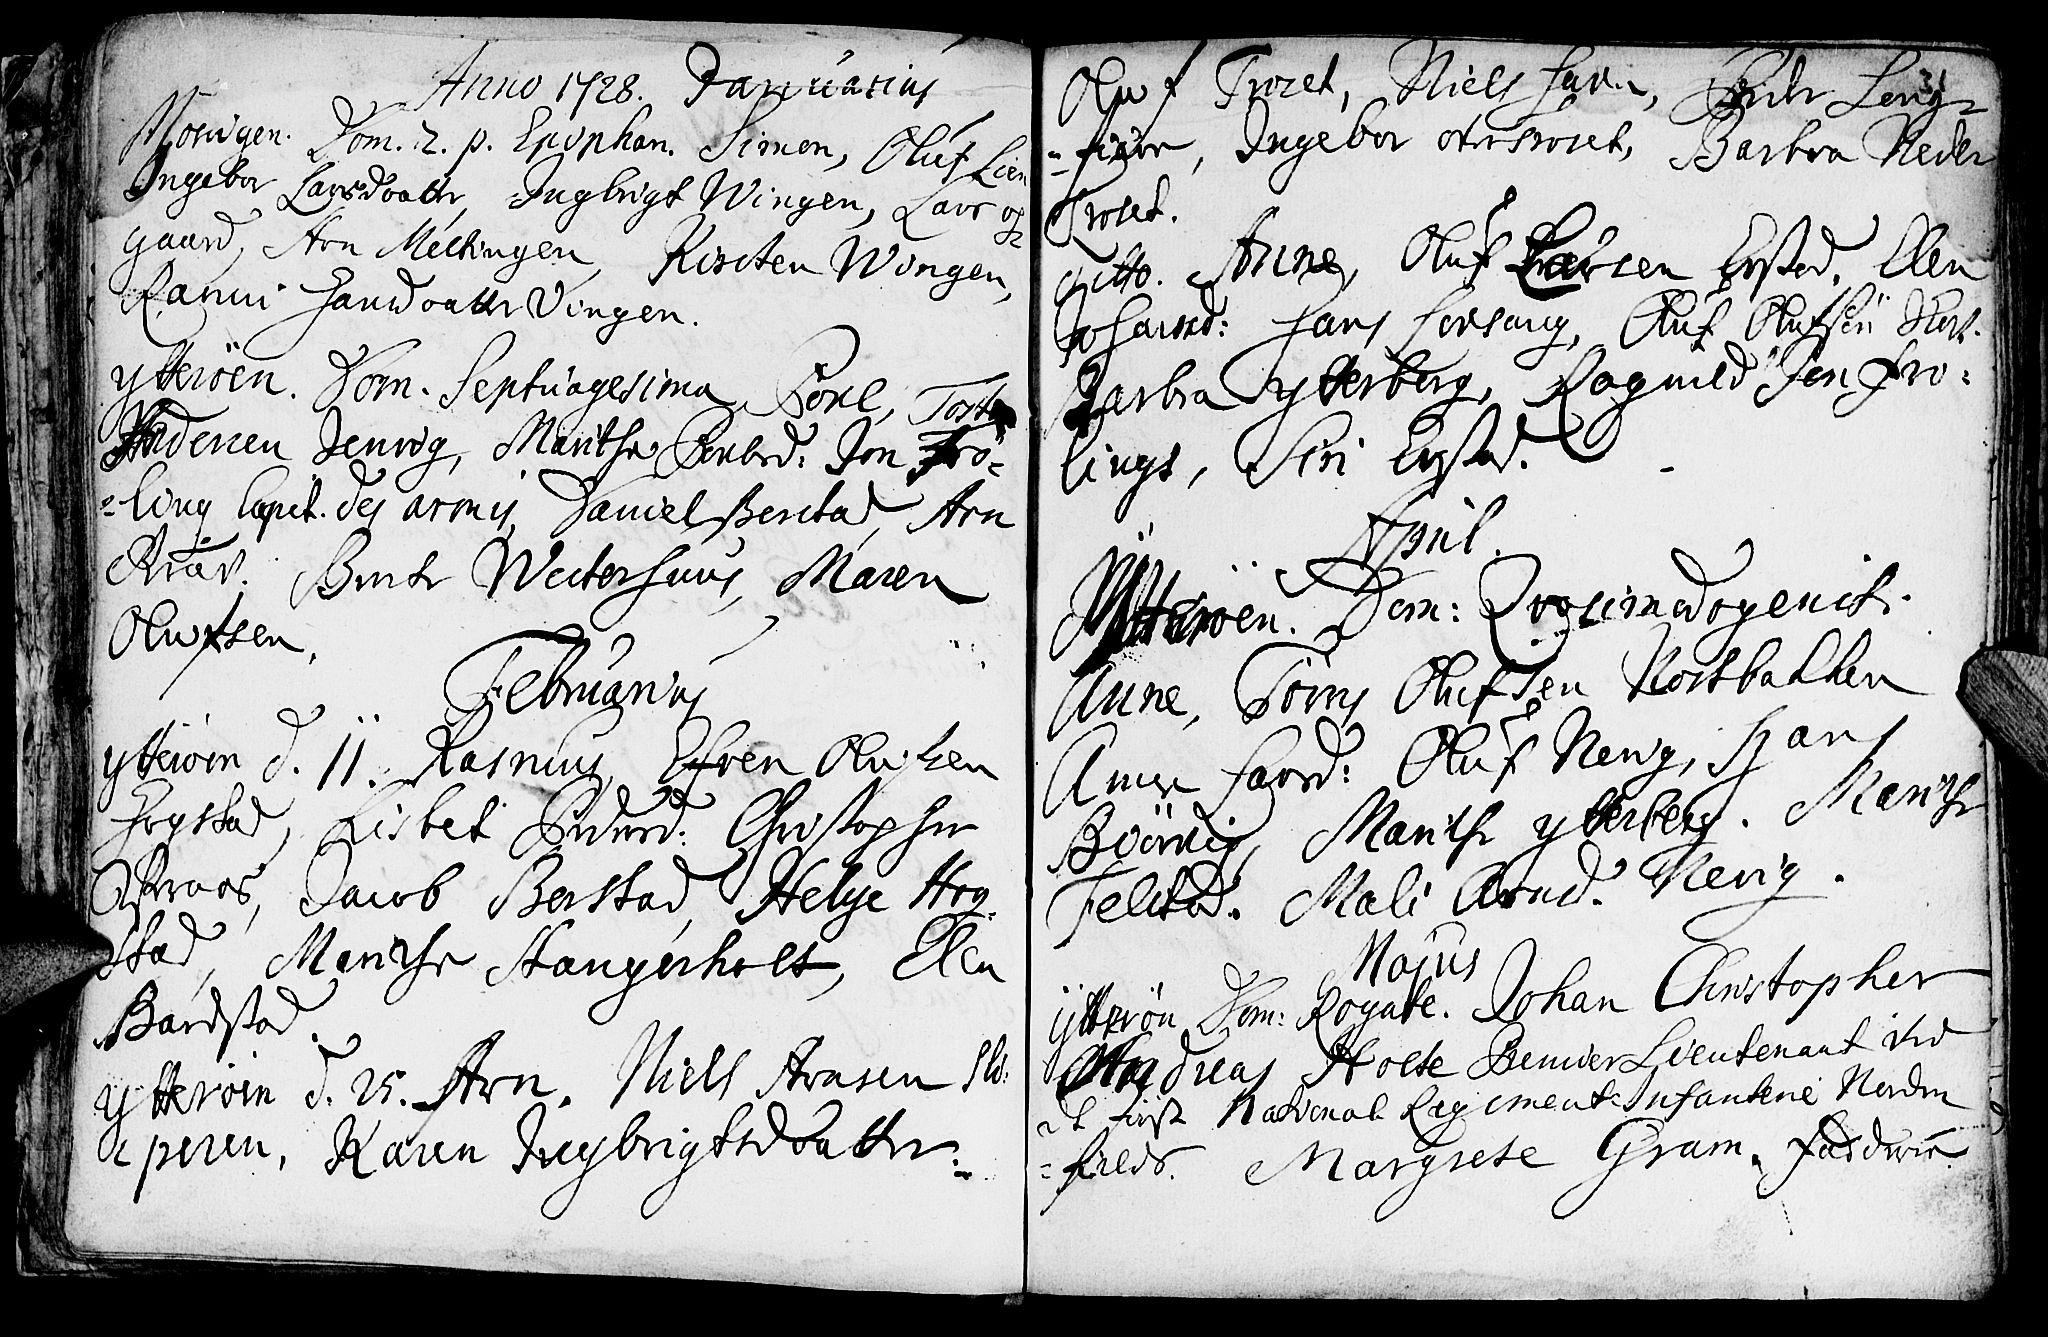 SAT, Ministerialprotokoller, klokkerbøker og fødselsregistre - Nord-Trøndelag, 722/L0215: Ministerialbok nr. 722A02, 1718-1755, s. 31